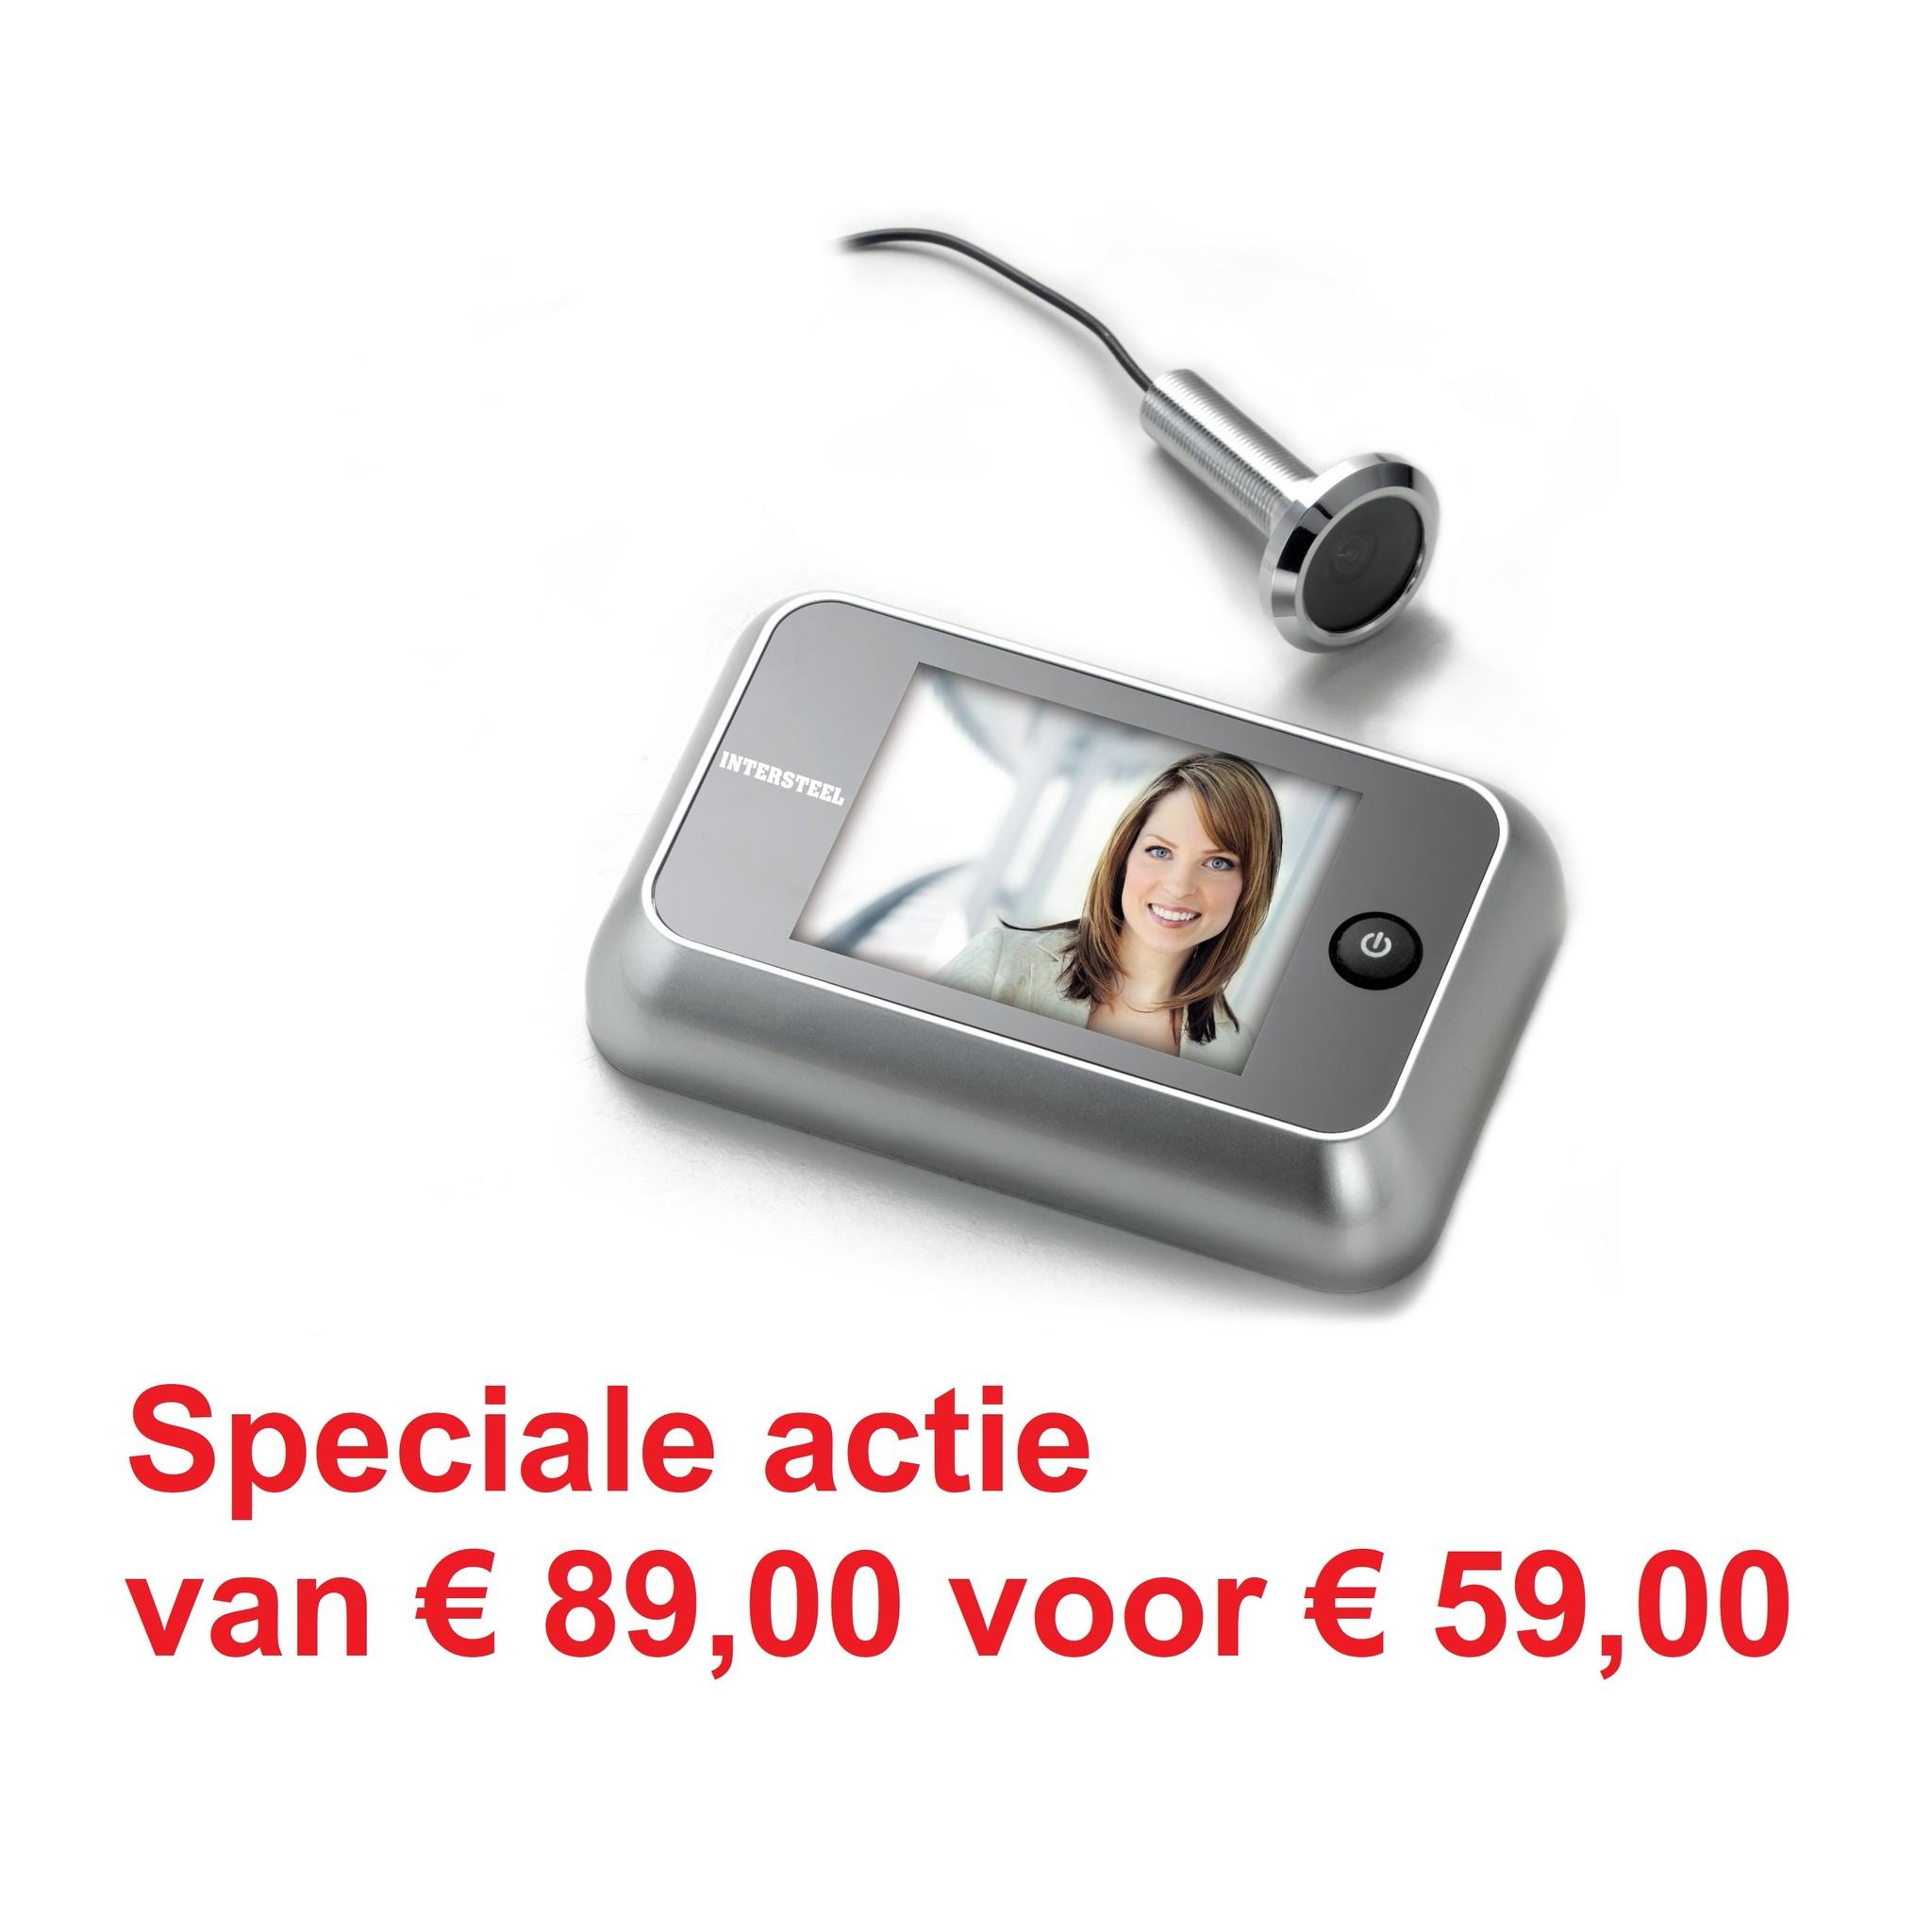 Digitale Deurspion 1.0 van Intersteel - Speciale actie van € 89,00 voor € 59,00